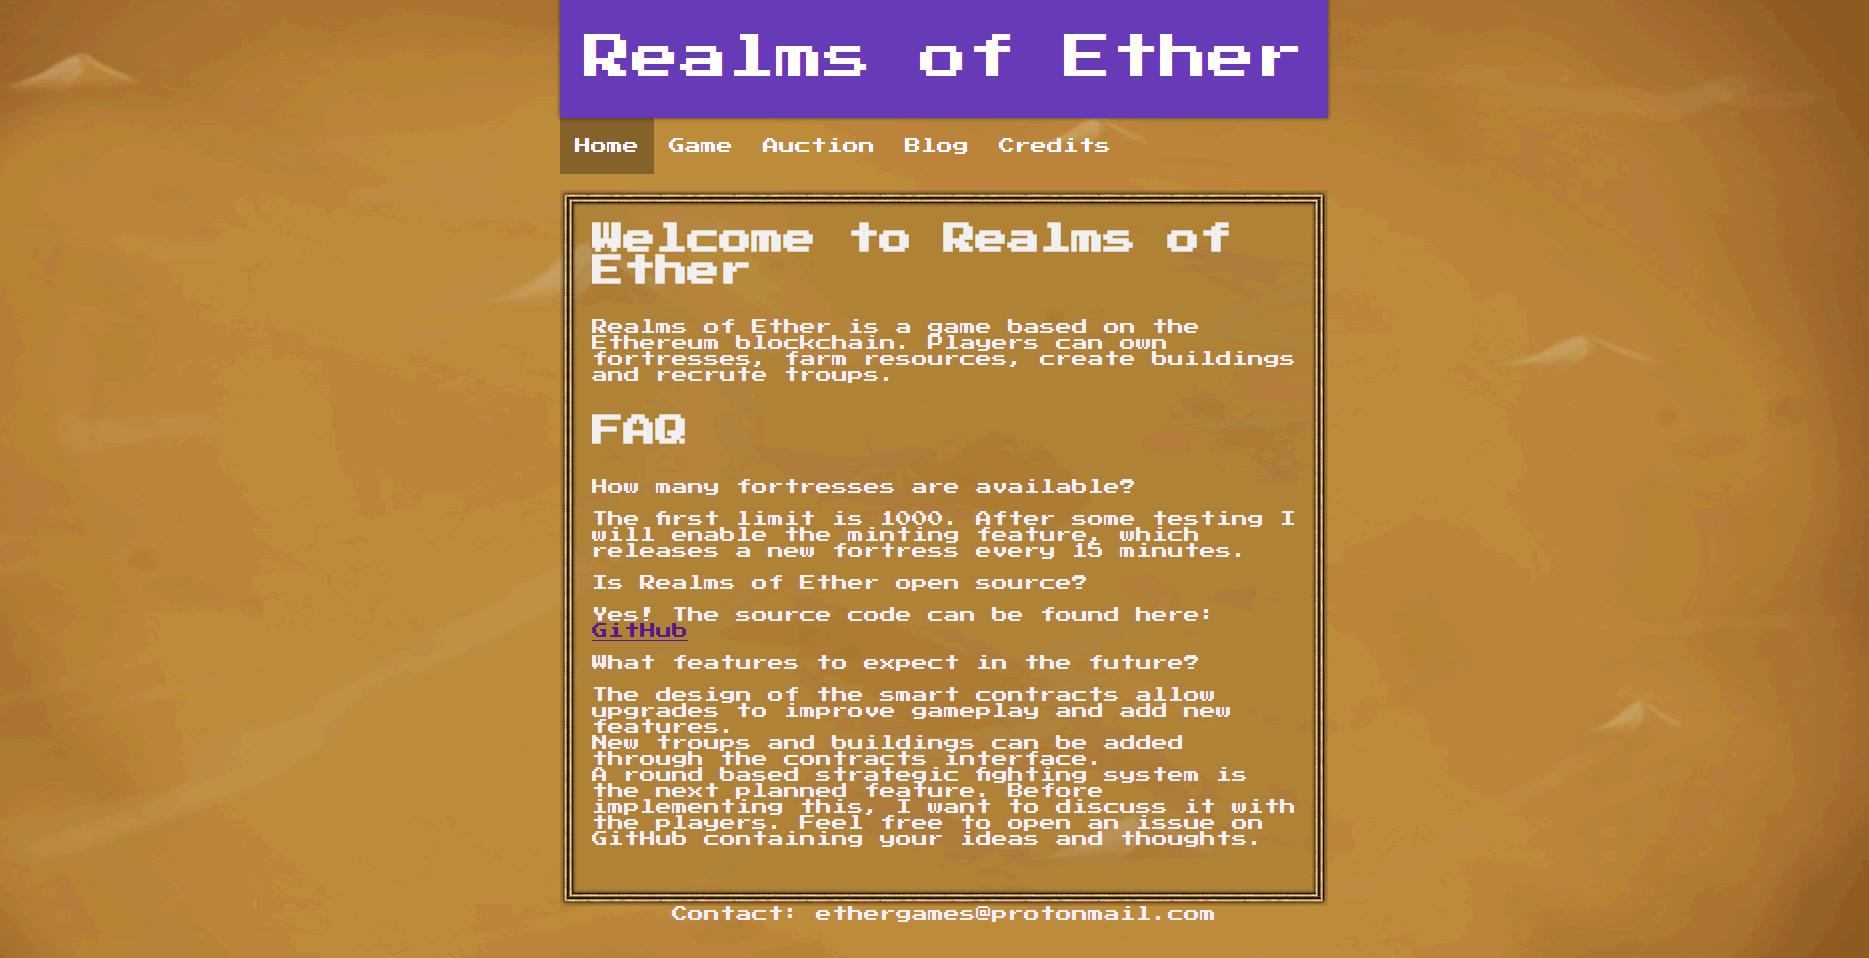 イーサリアム×シミュレーション!DApps「Realms of Ether(レアルムズオブイーサー) 」とは?